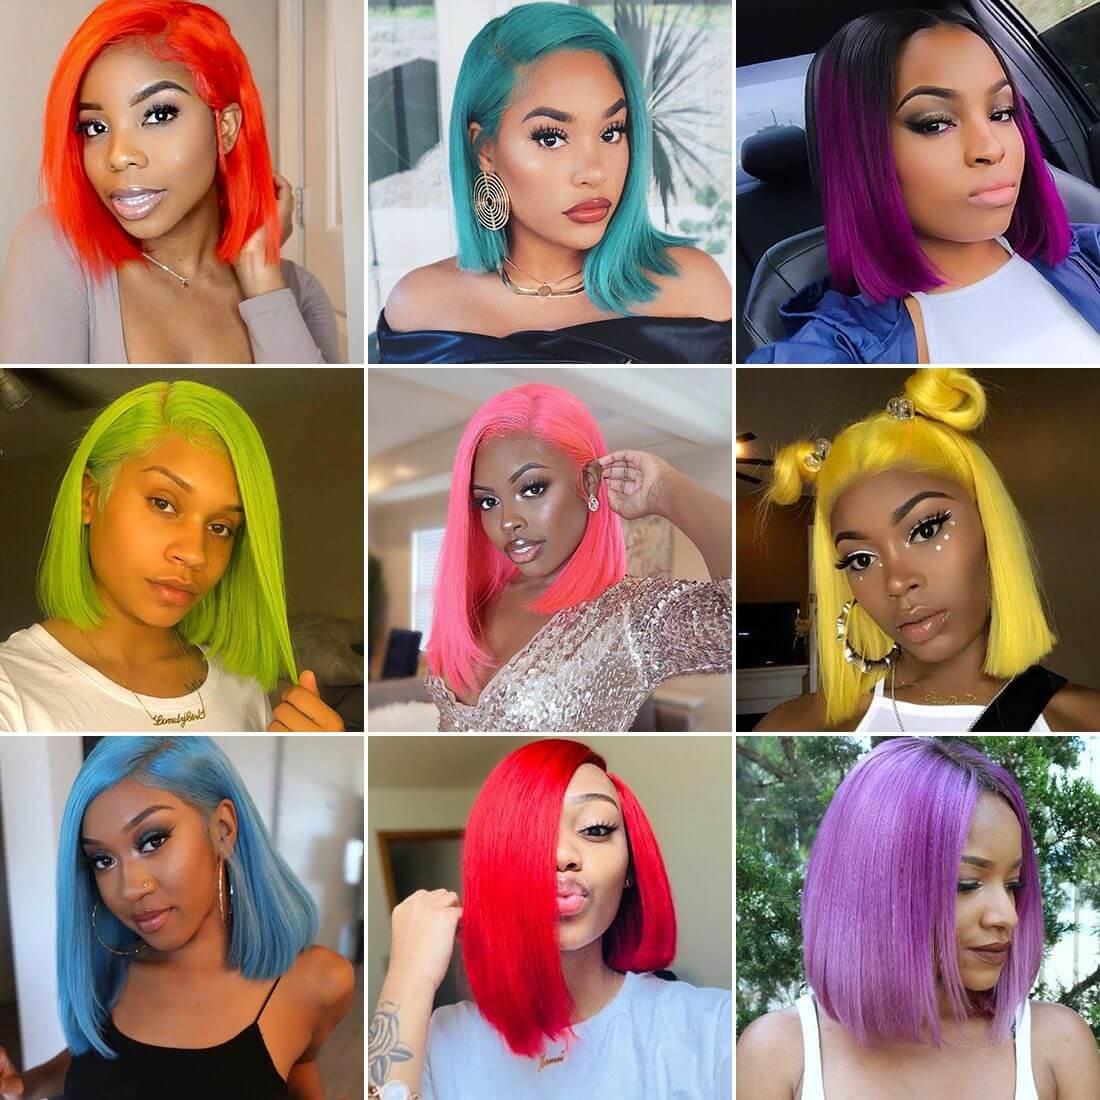 short bob colorful wigs,colorful bob straight front,pink straight front wig,red color wigs,green wig,coloful straight cut bob wig,blue bob wigs,purple bob wig